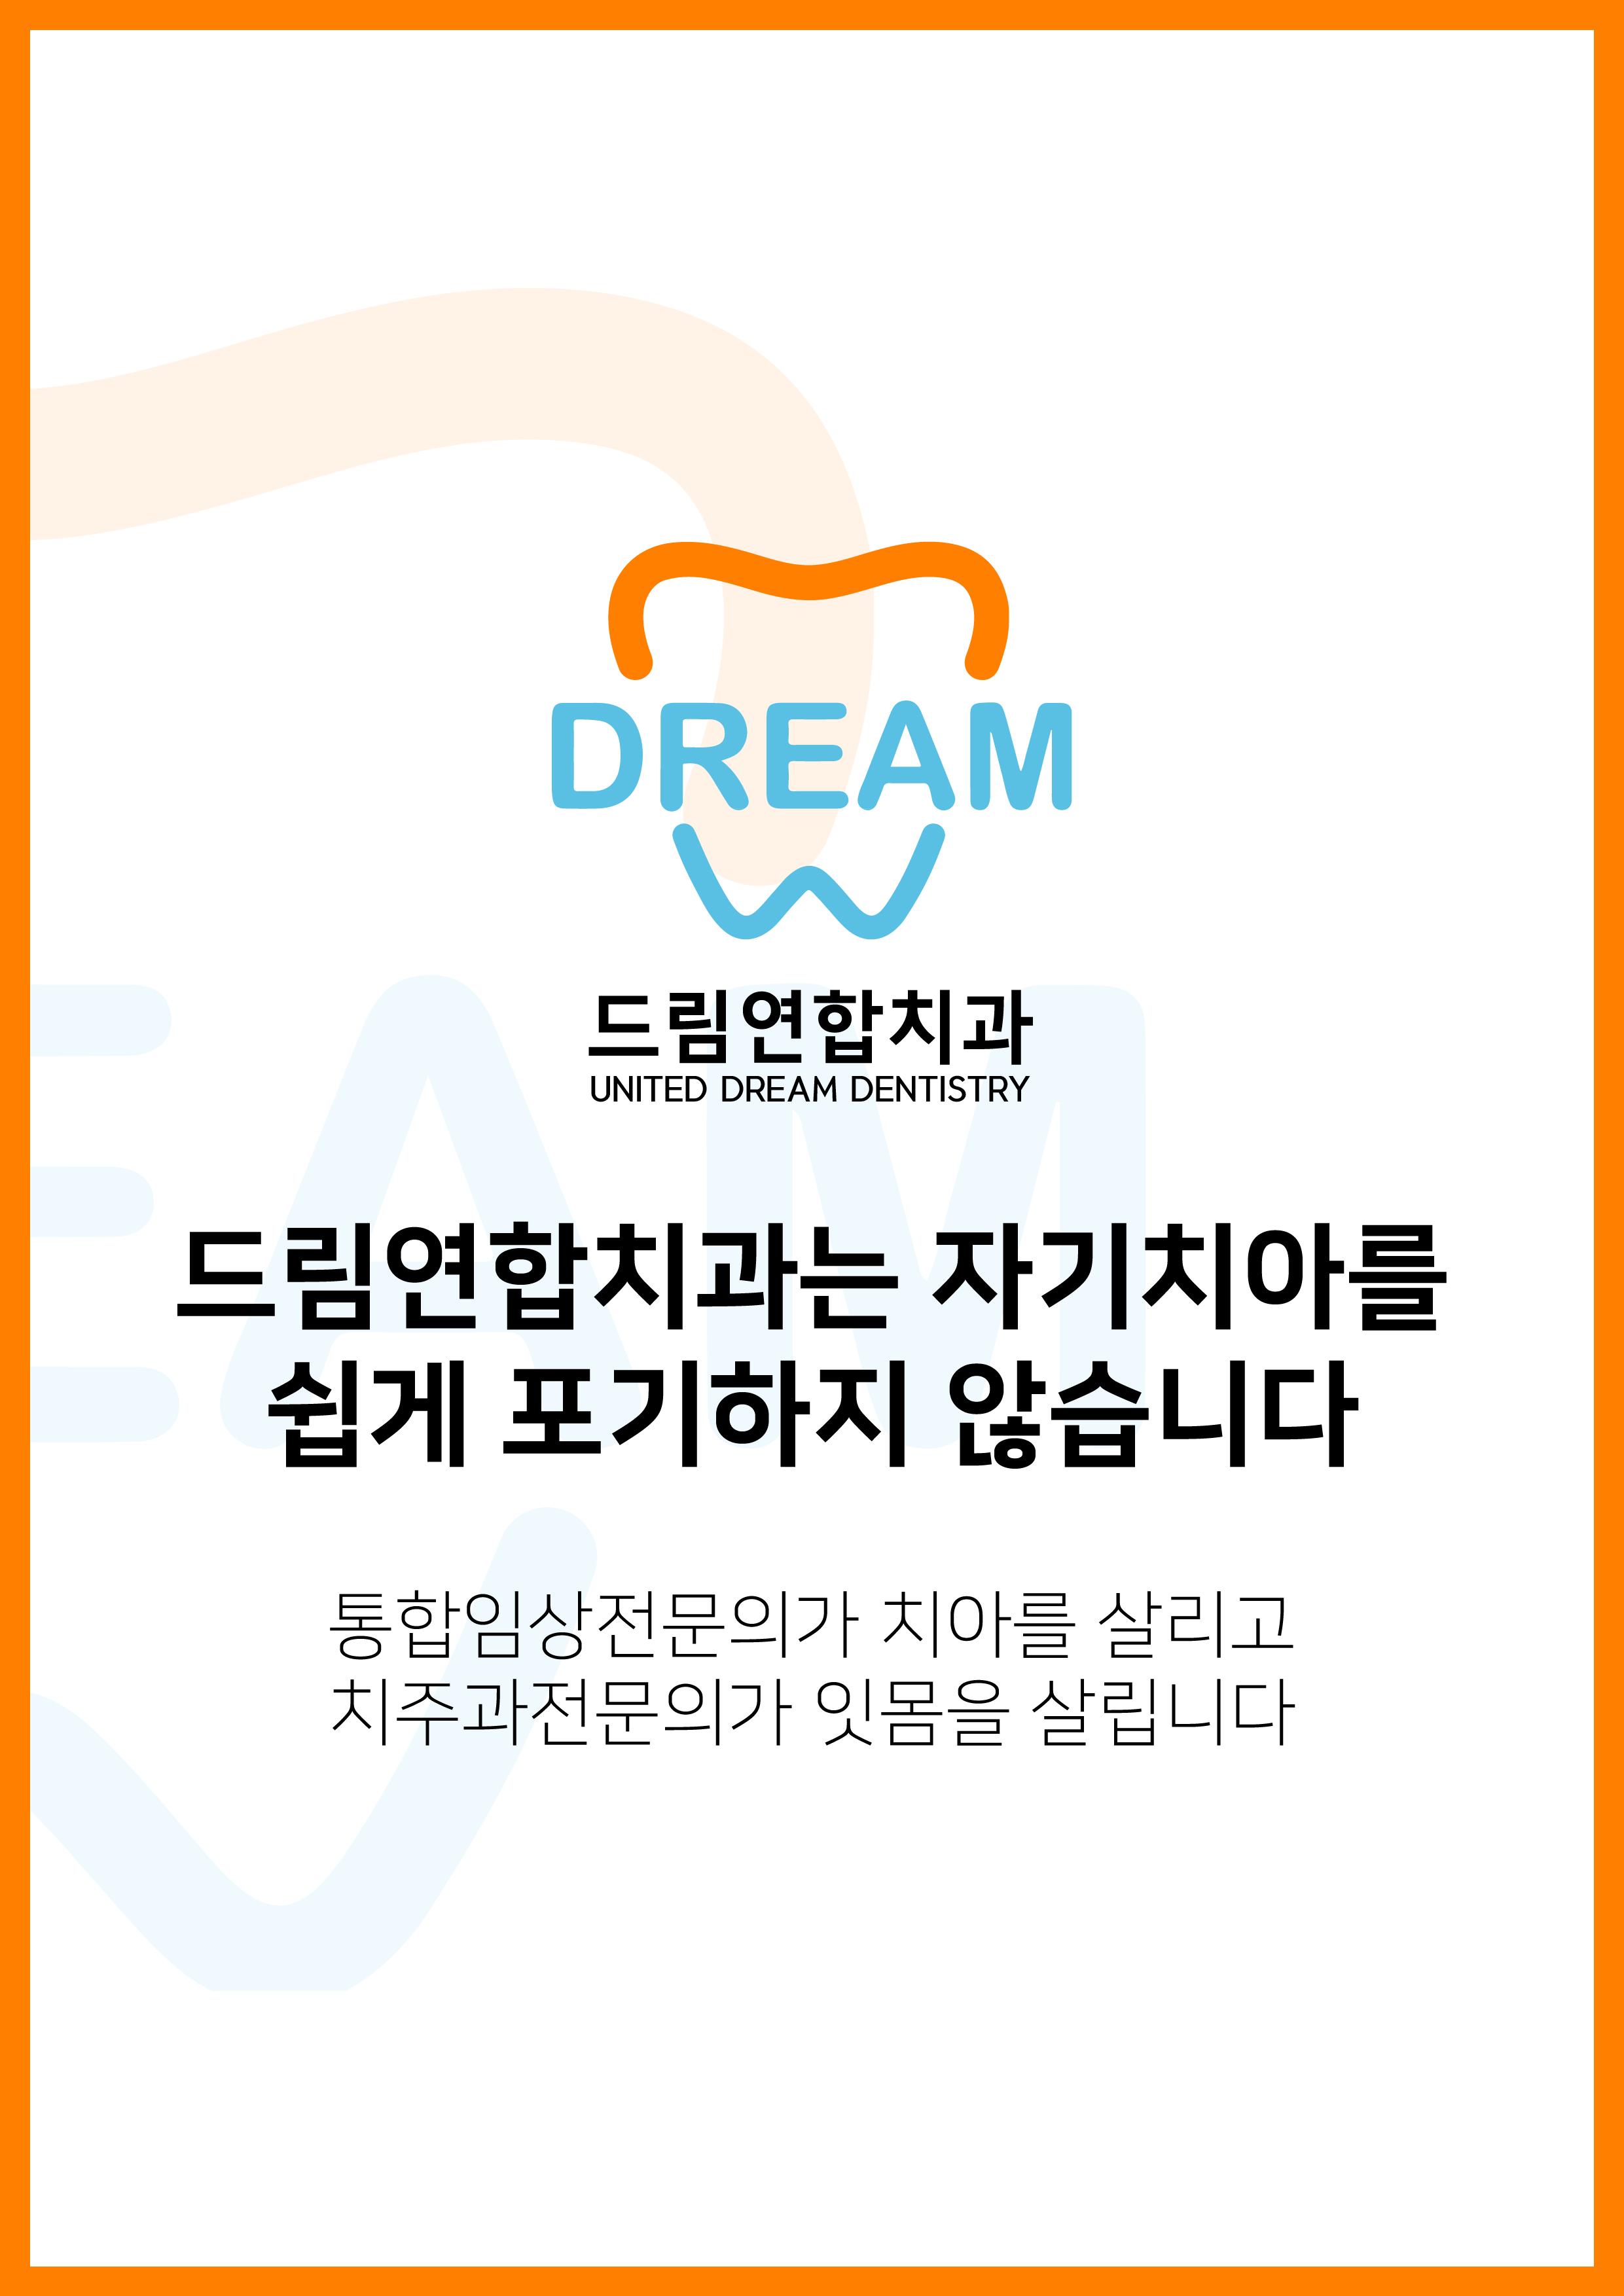 01.드림연합치과+자기치아 살리기.jpg